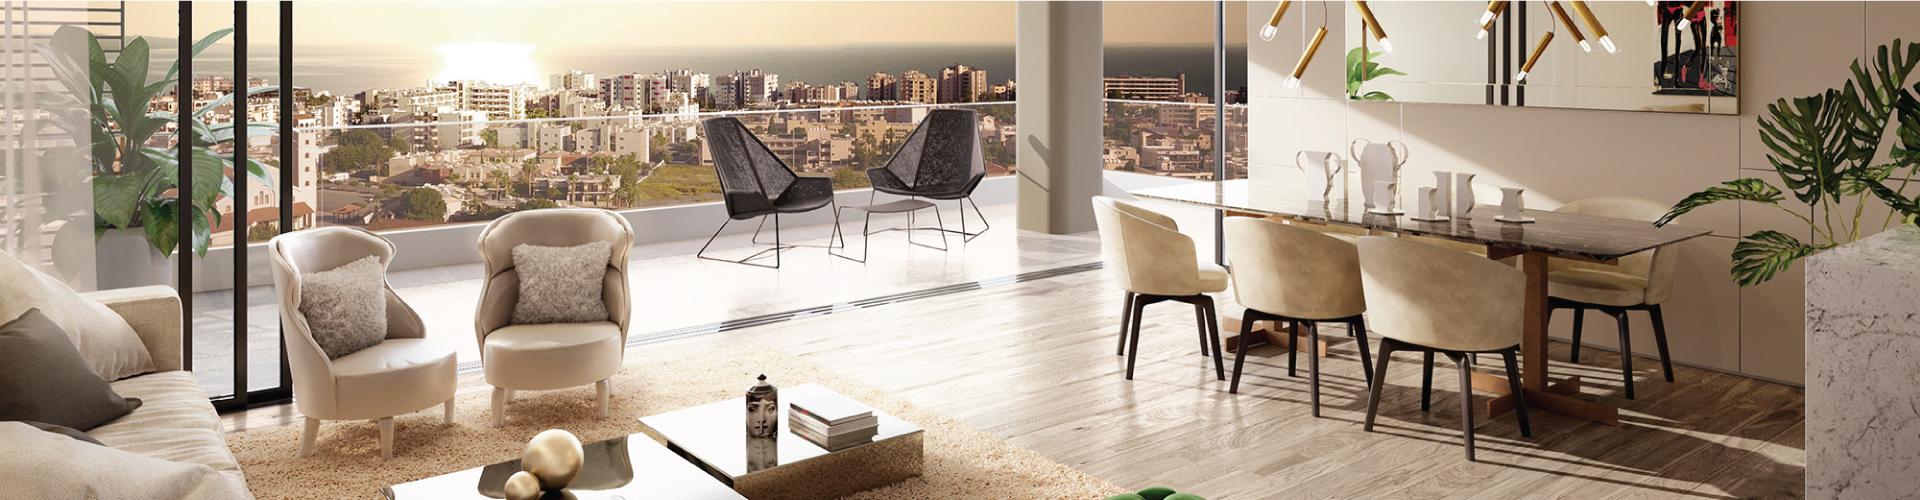 莱文特公寓<br/>追求卓越品质<br/>生活